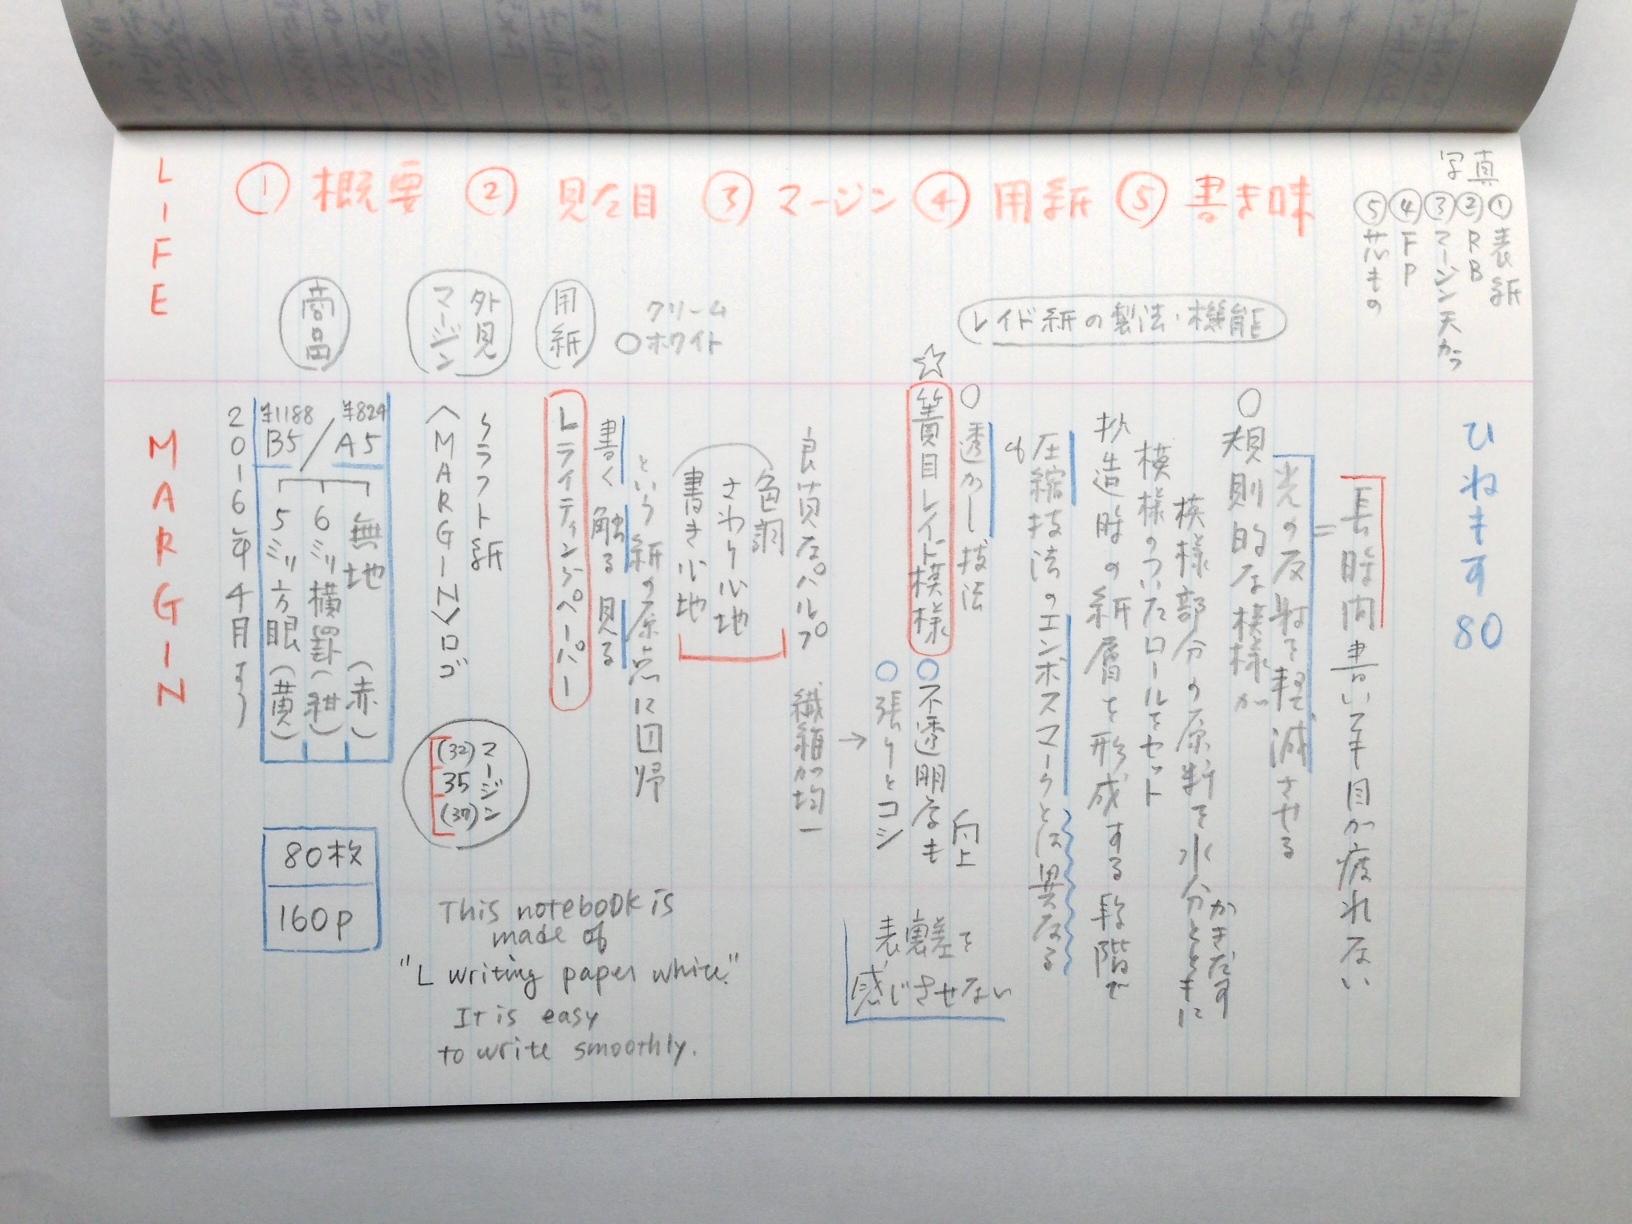 小日向京のひねもす文房具|第八十回「ライフ マージンノート A5 横罫」